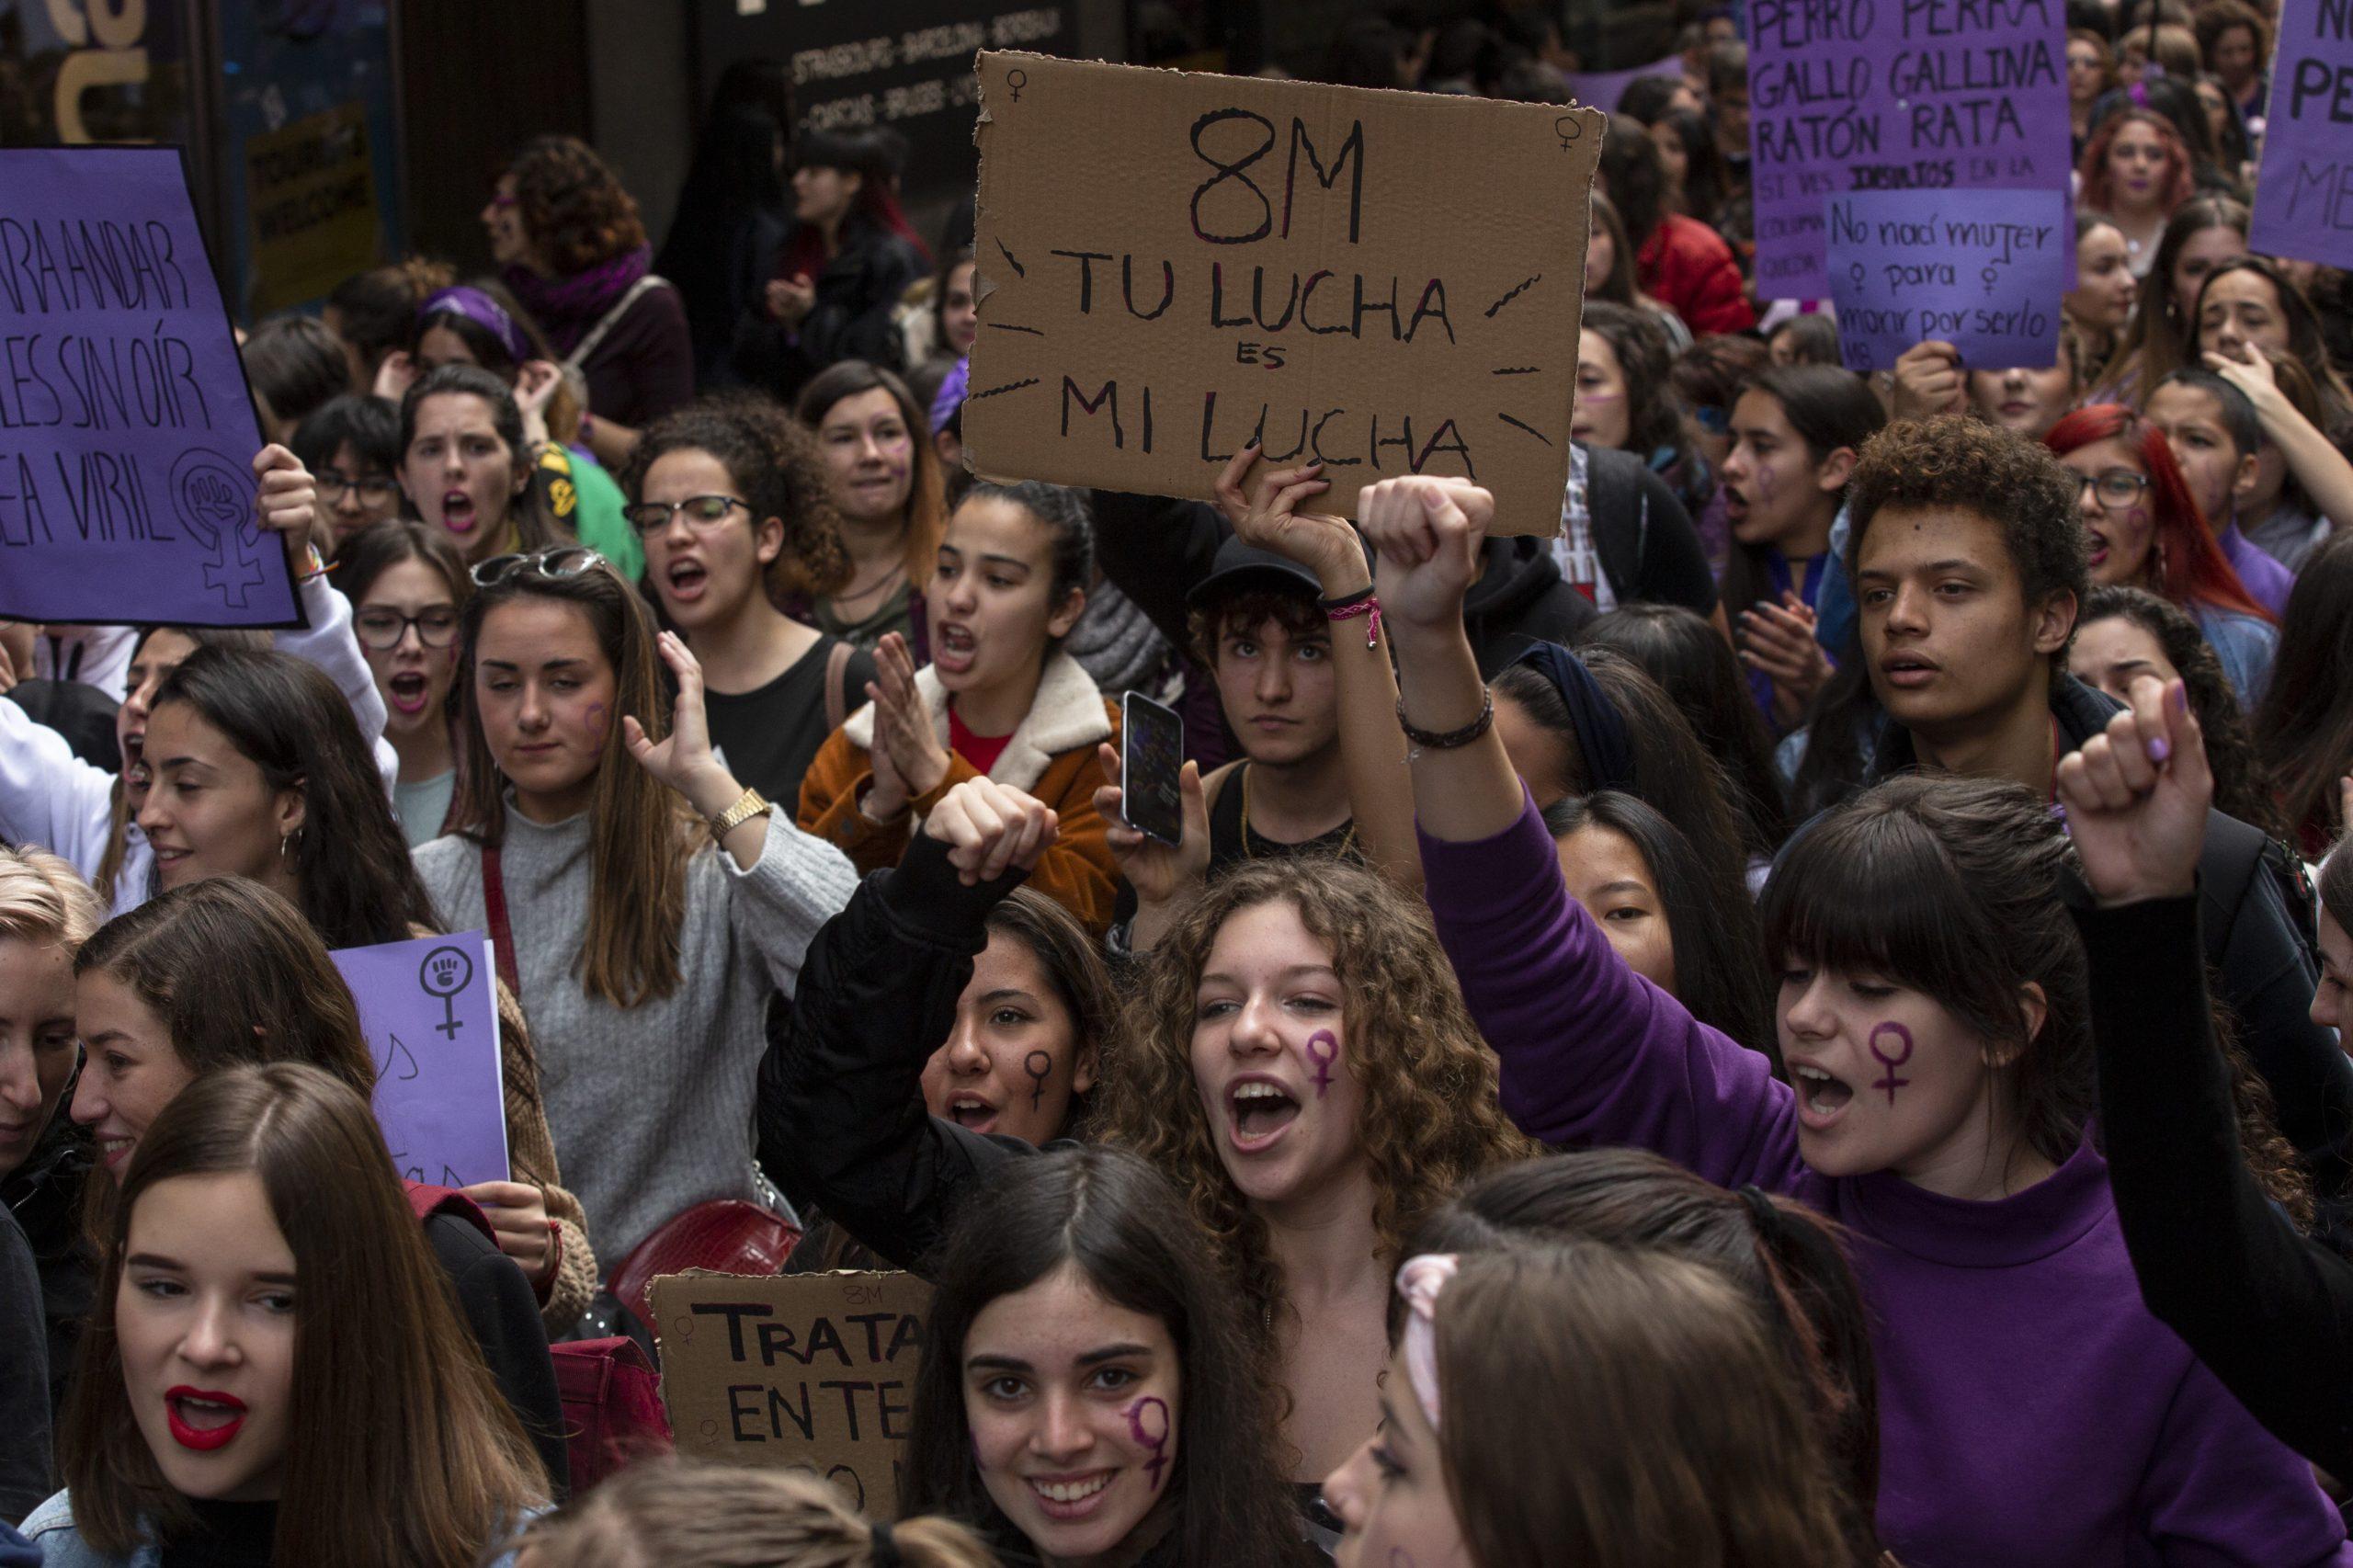 ¿Por qué se están enfrentando feministas y transexuales en España?